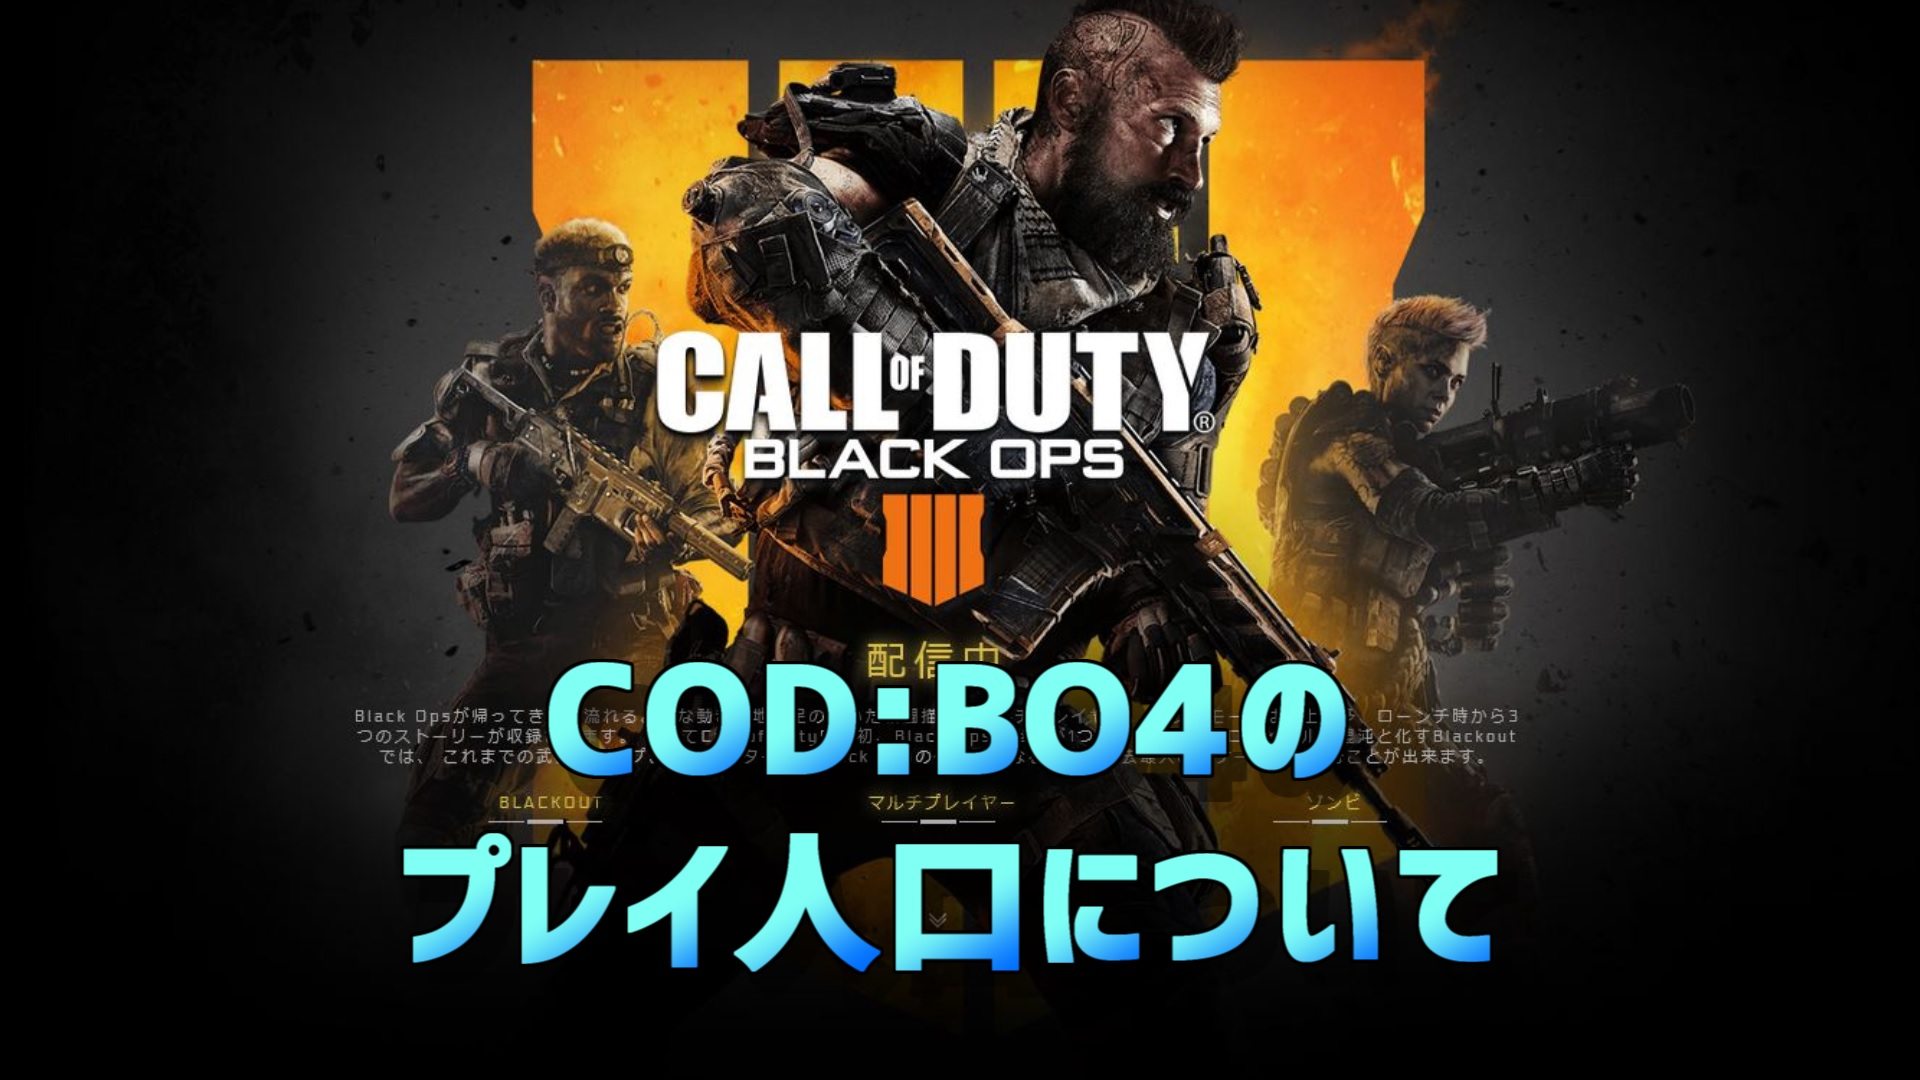 COD:BO4のプレイ人口は?オンラインでマッチングするか?【PS4】